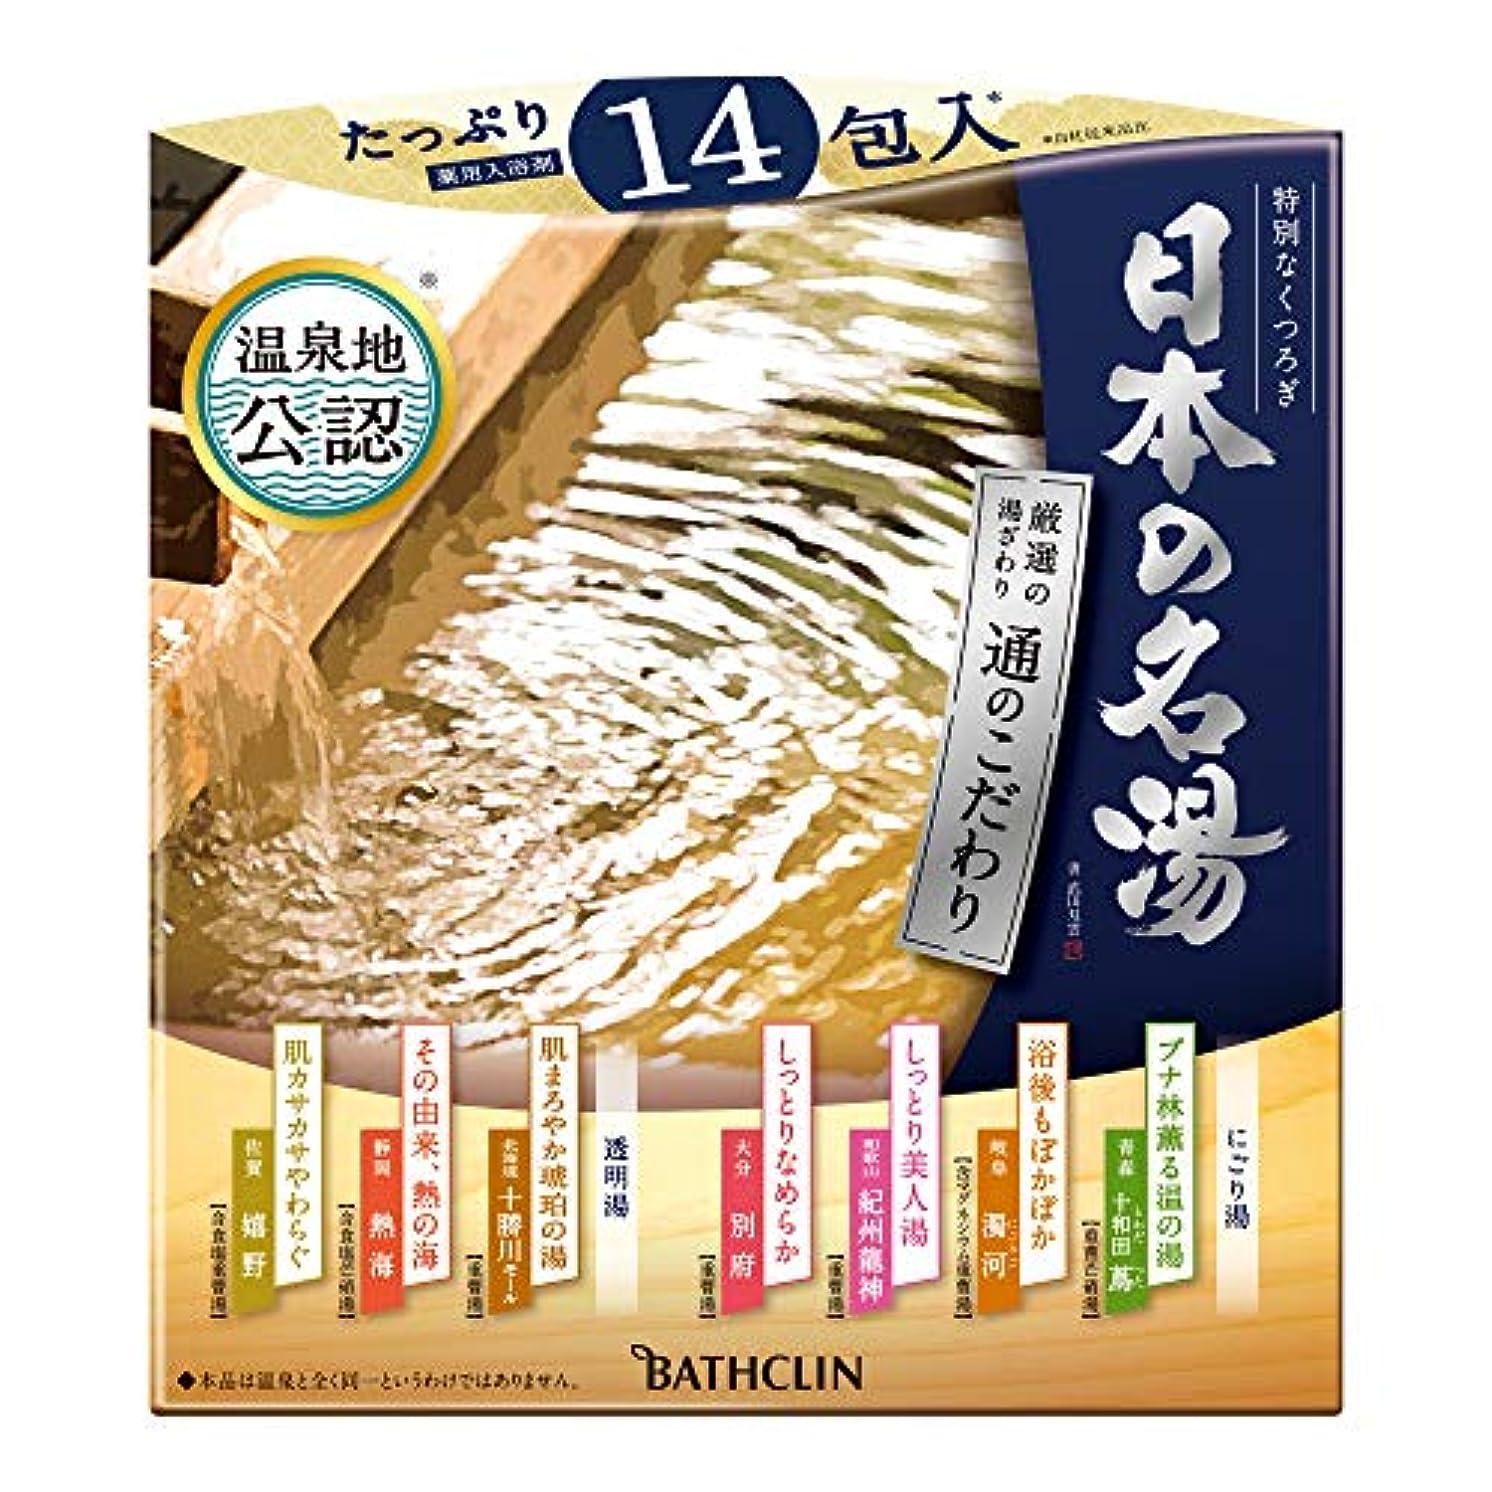 トーク雰囲気菊日本の名湯 通のこだわり 入浴剤 色と香りで情緒を表現した温泉タイプ入浴剤 セット 30g×14包